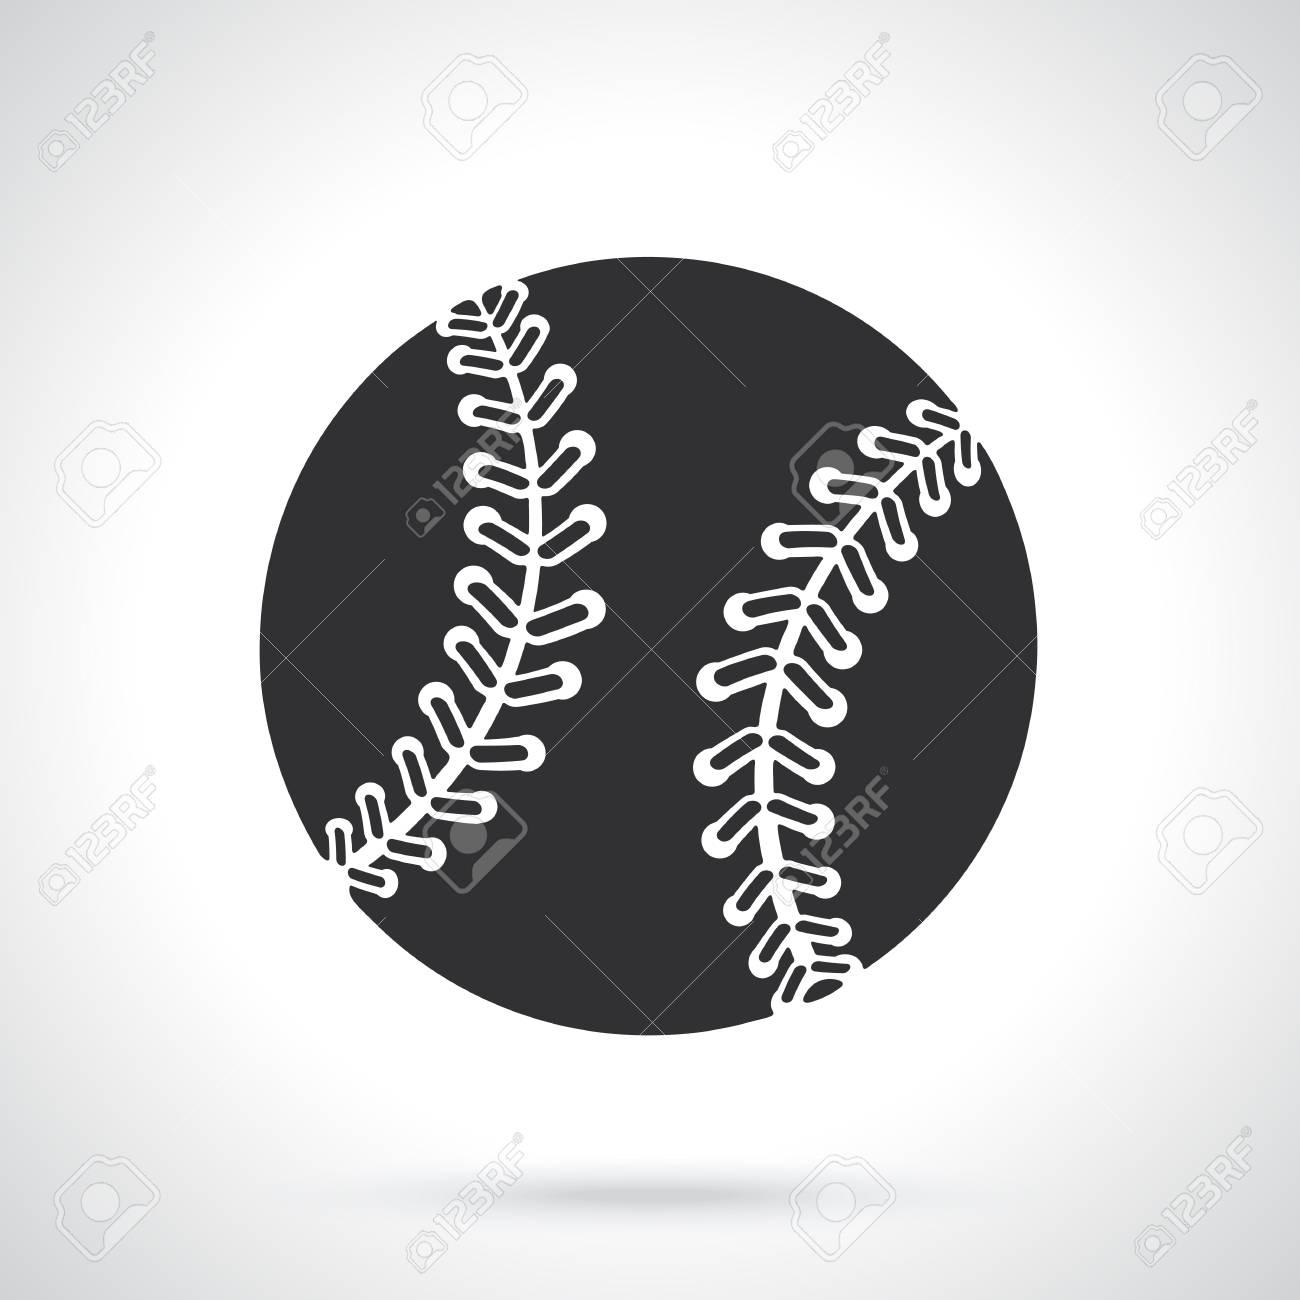 ベクトルの図 野球ボールのシルエット スポーツ用品 グリーティング